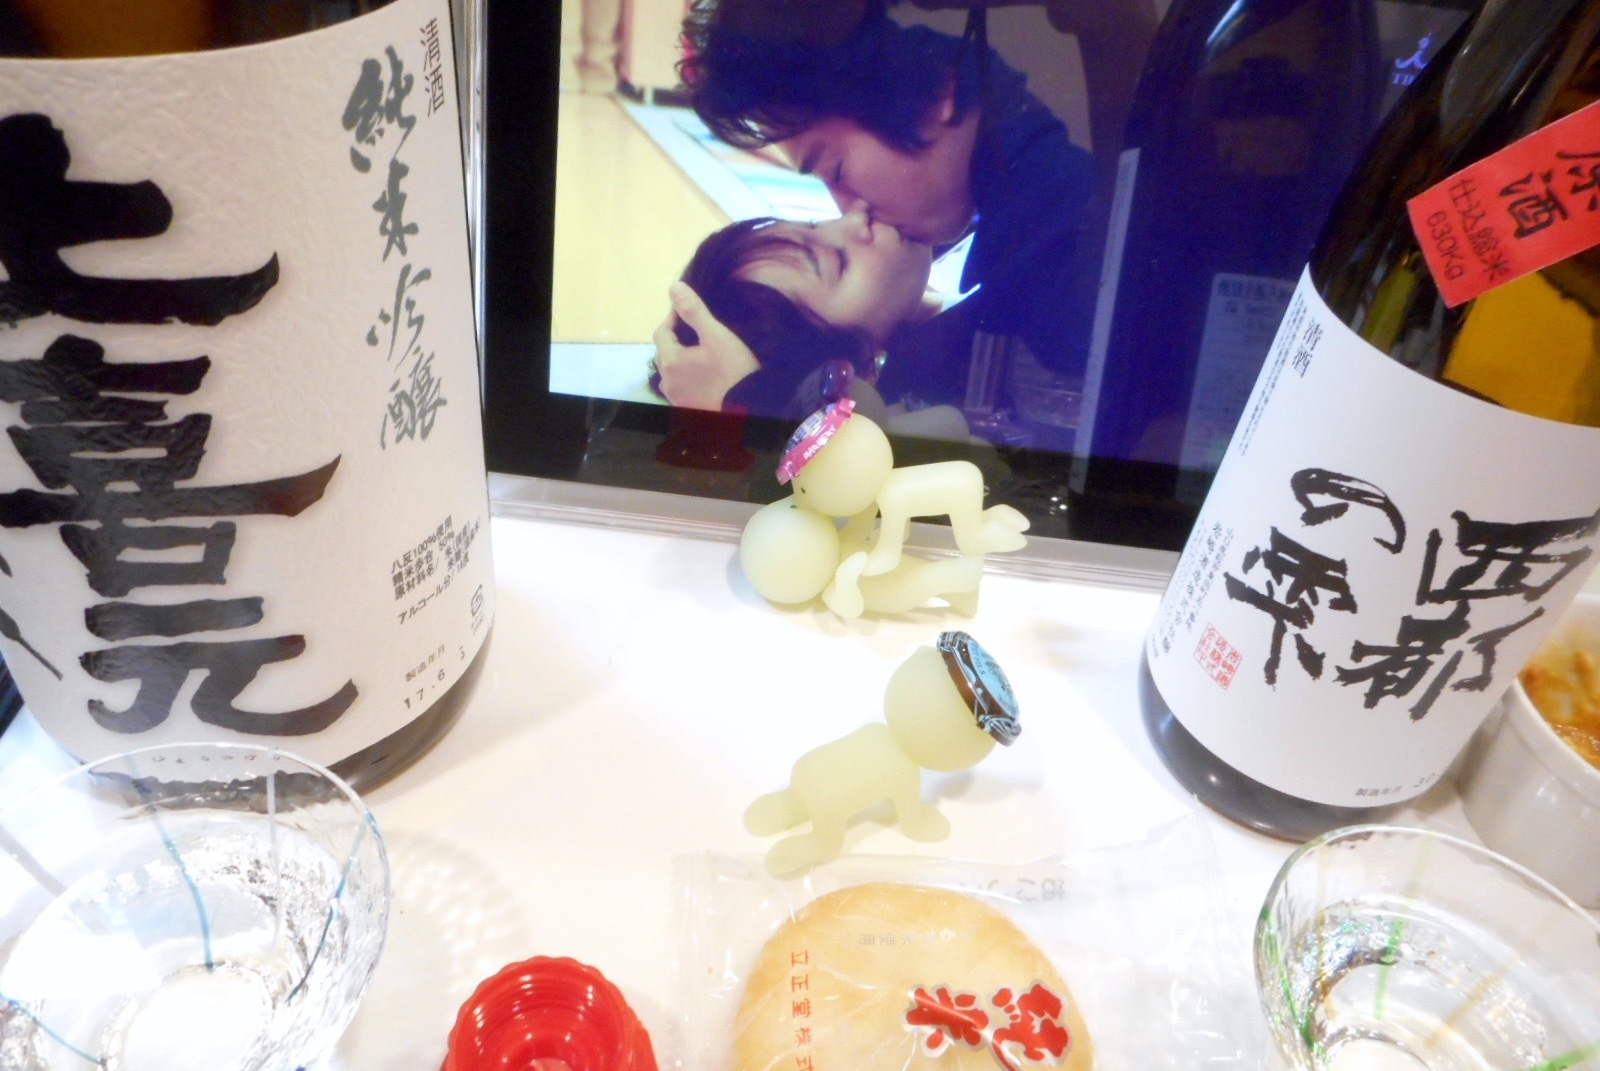 joukigen_kimoto_hattan28by3_4.jpg